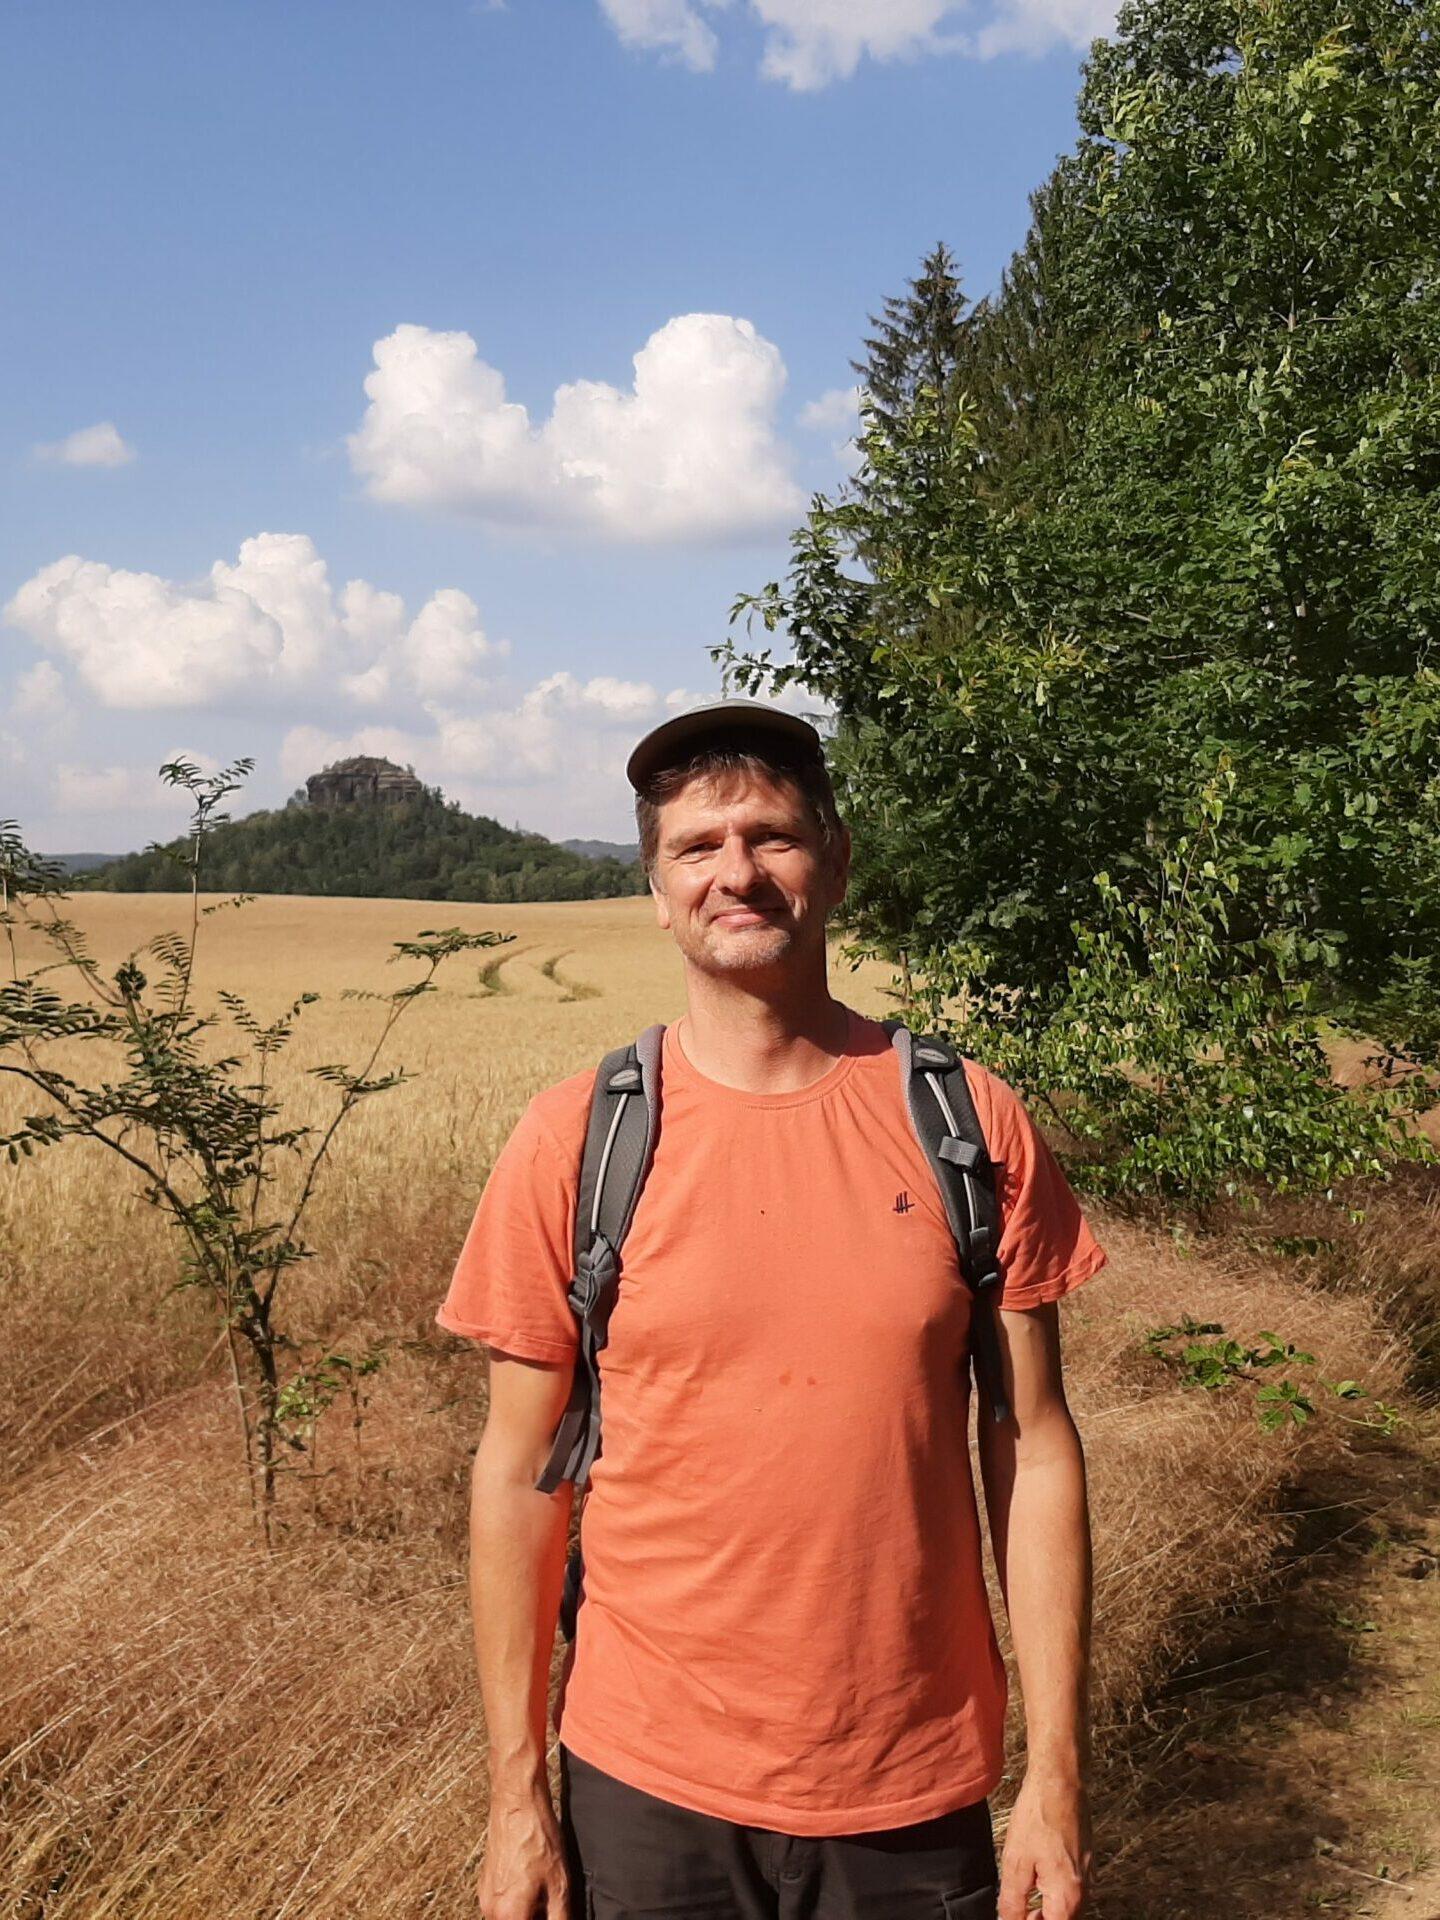 Männerexperte Jens Geithner aus Dresden